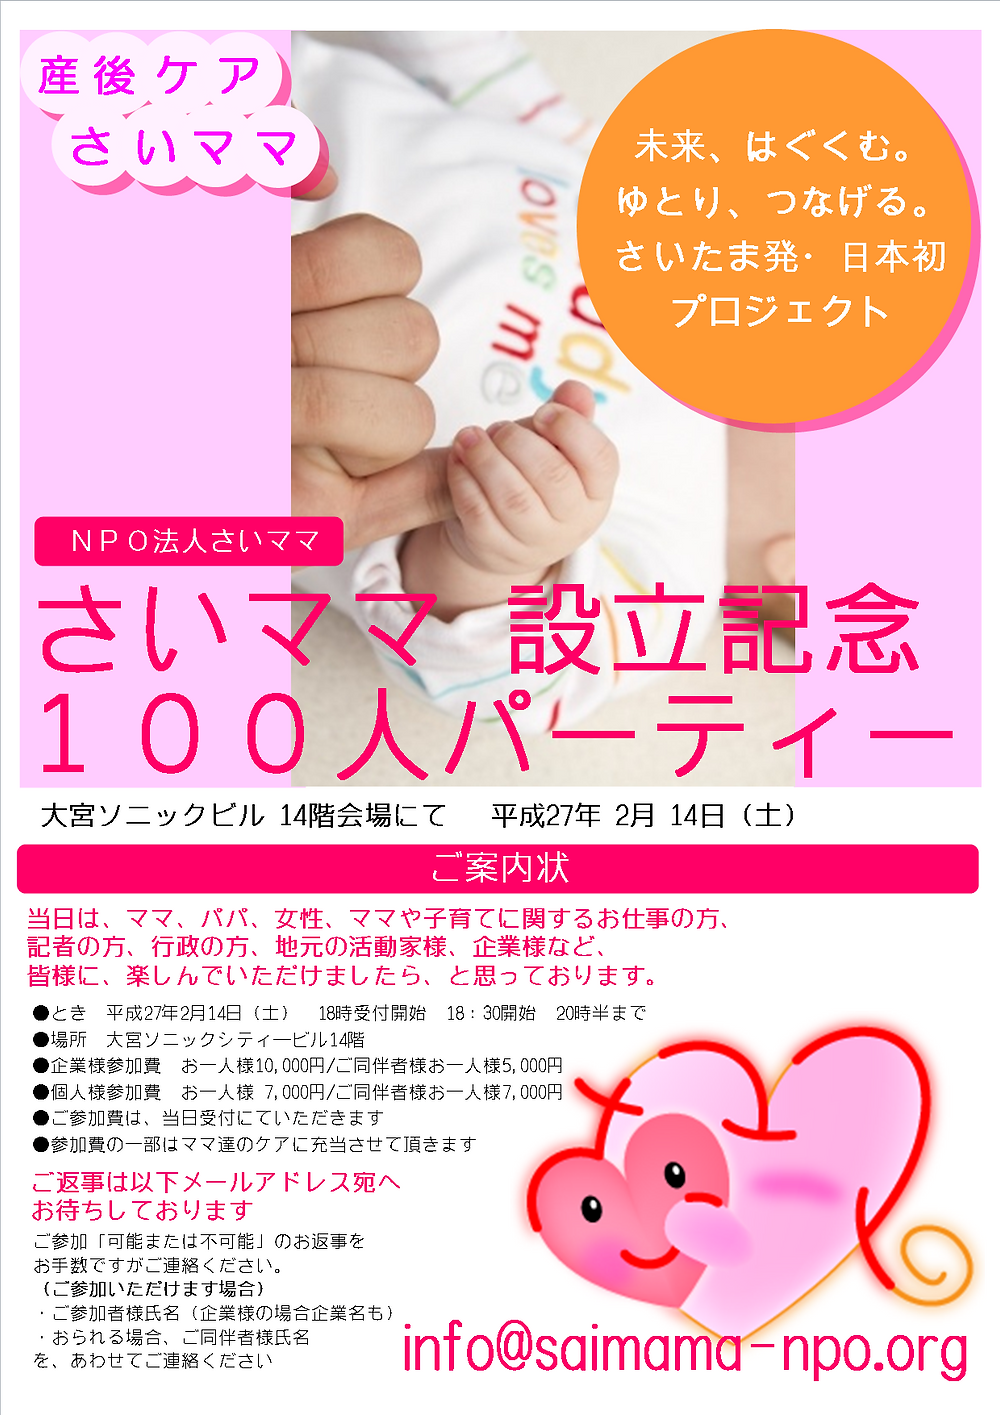 設立記念パーティーパンフ平成27年2月14日(土).png